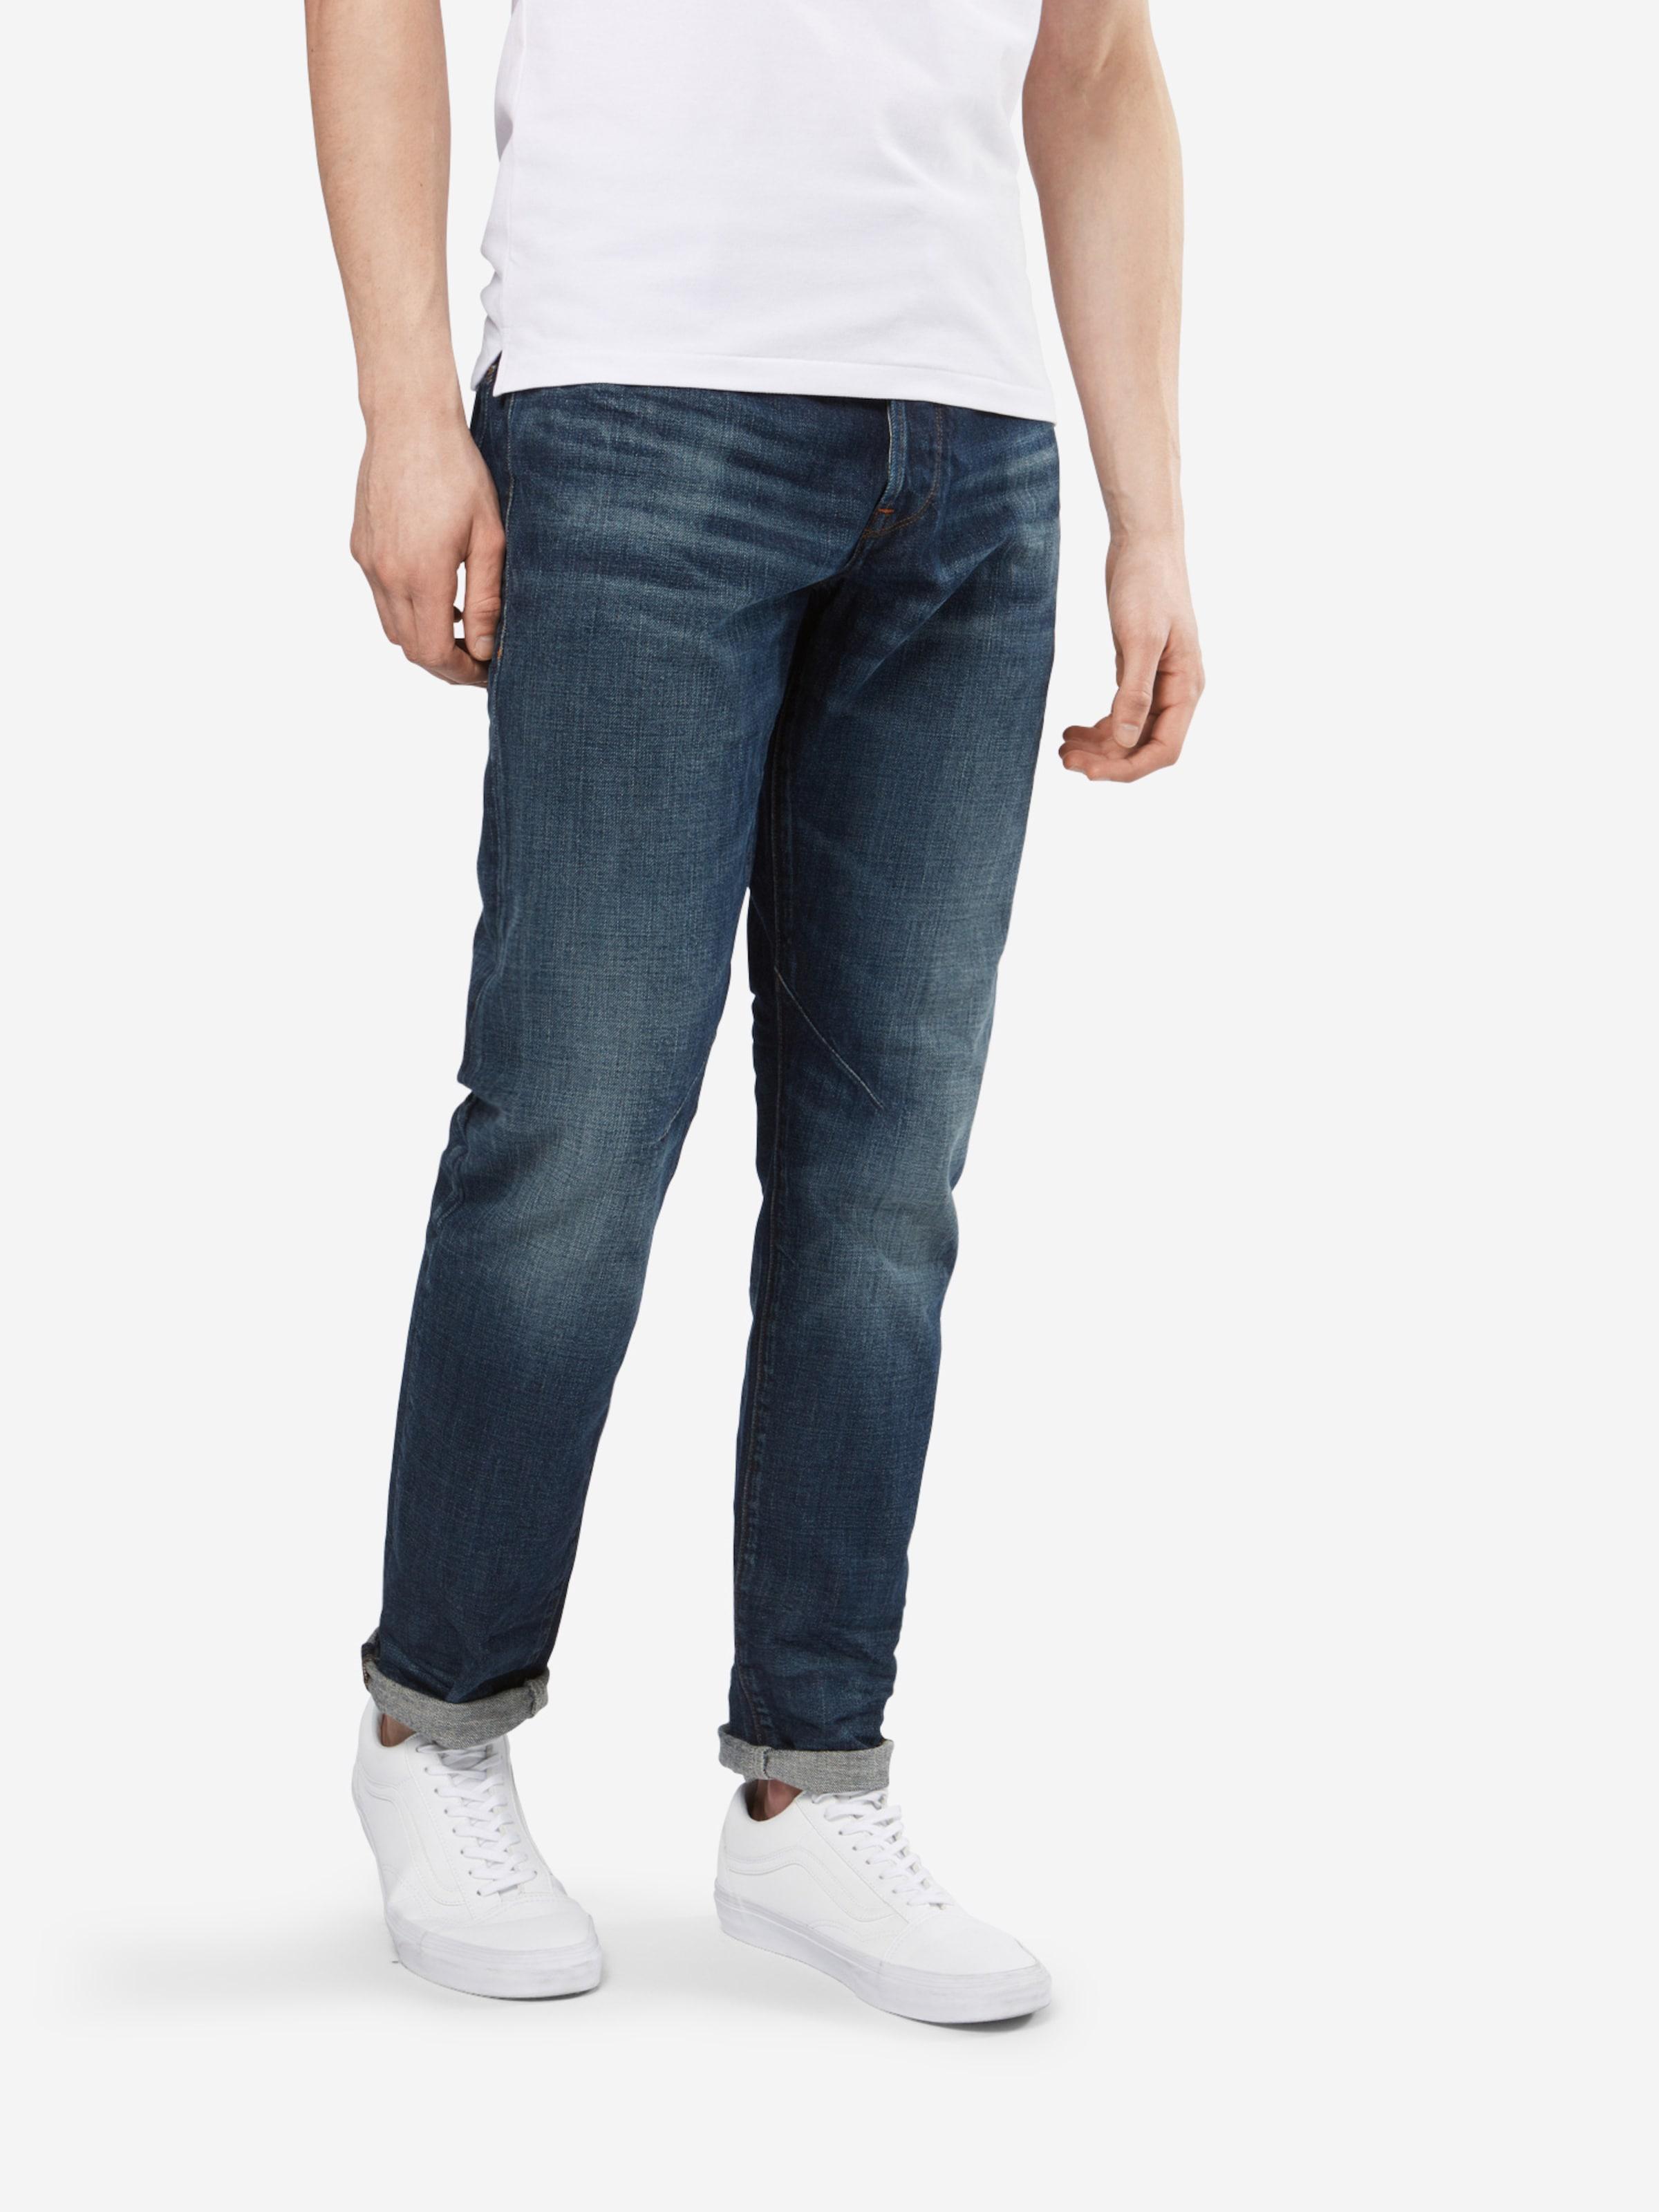 G-STAR RAW Jeans 'D-Staq 5-pkt Tapered' Freies Verschiffen Mode-Stil Billig Verkauf Shop RBHtgHg